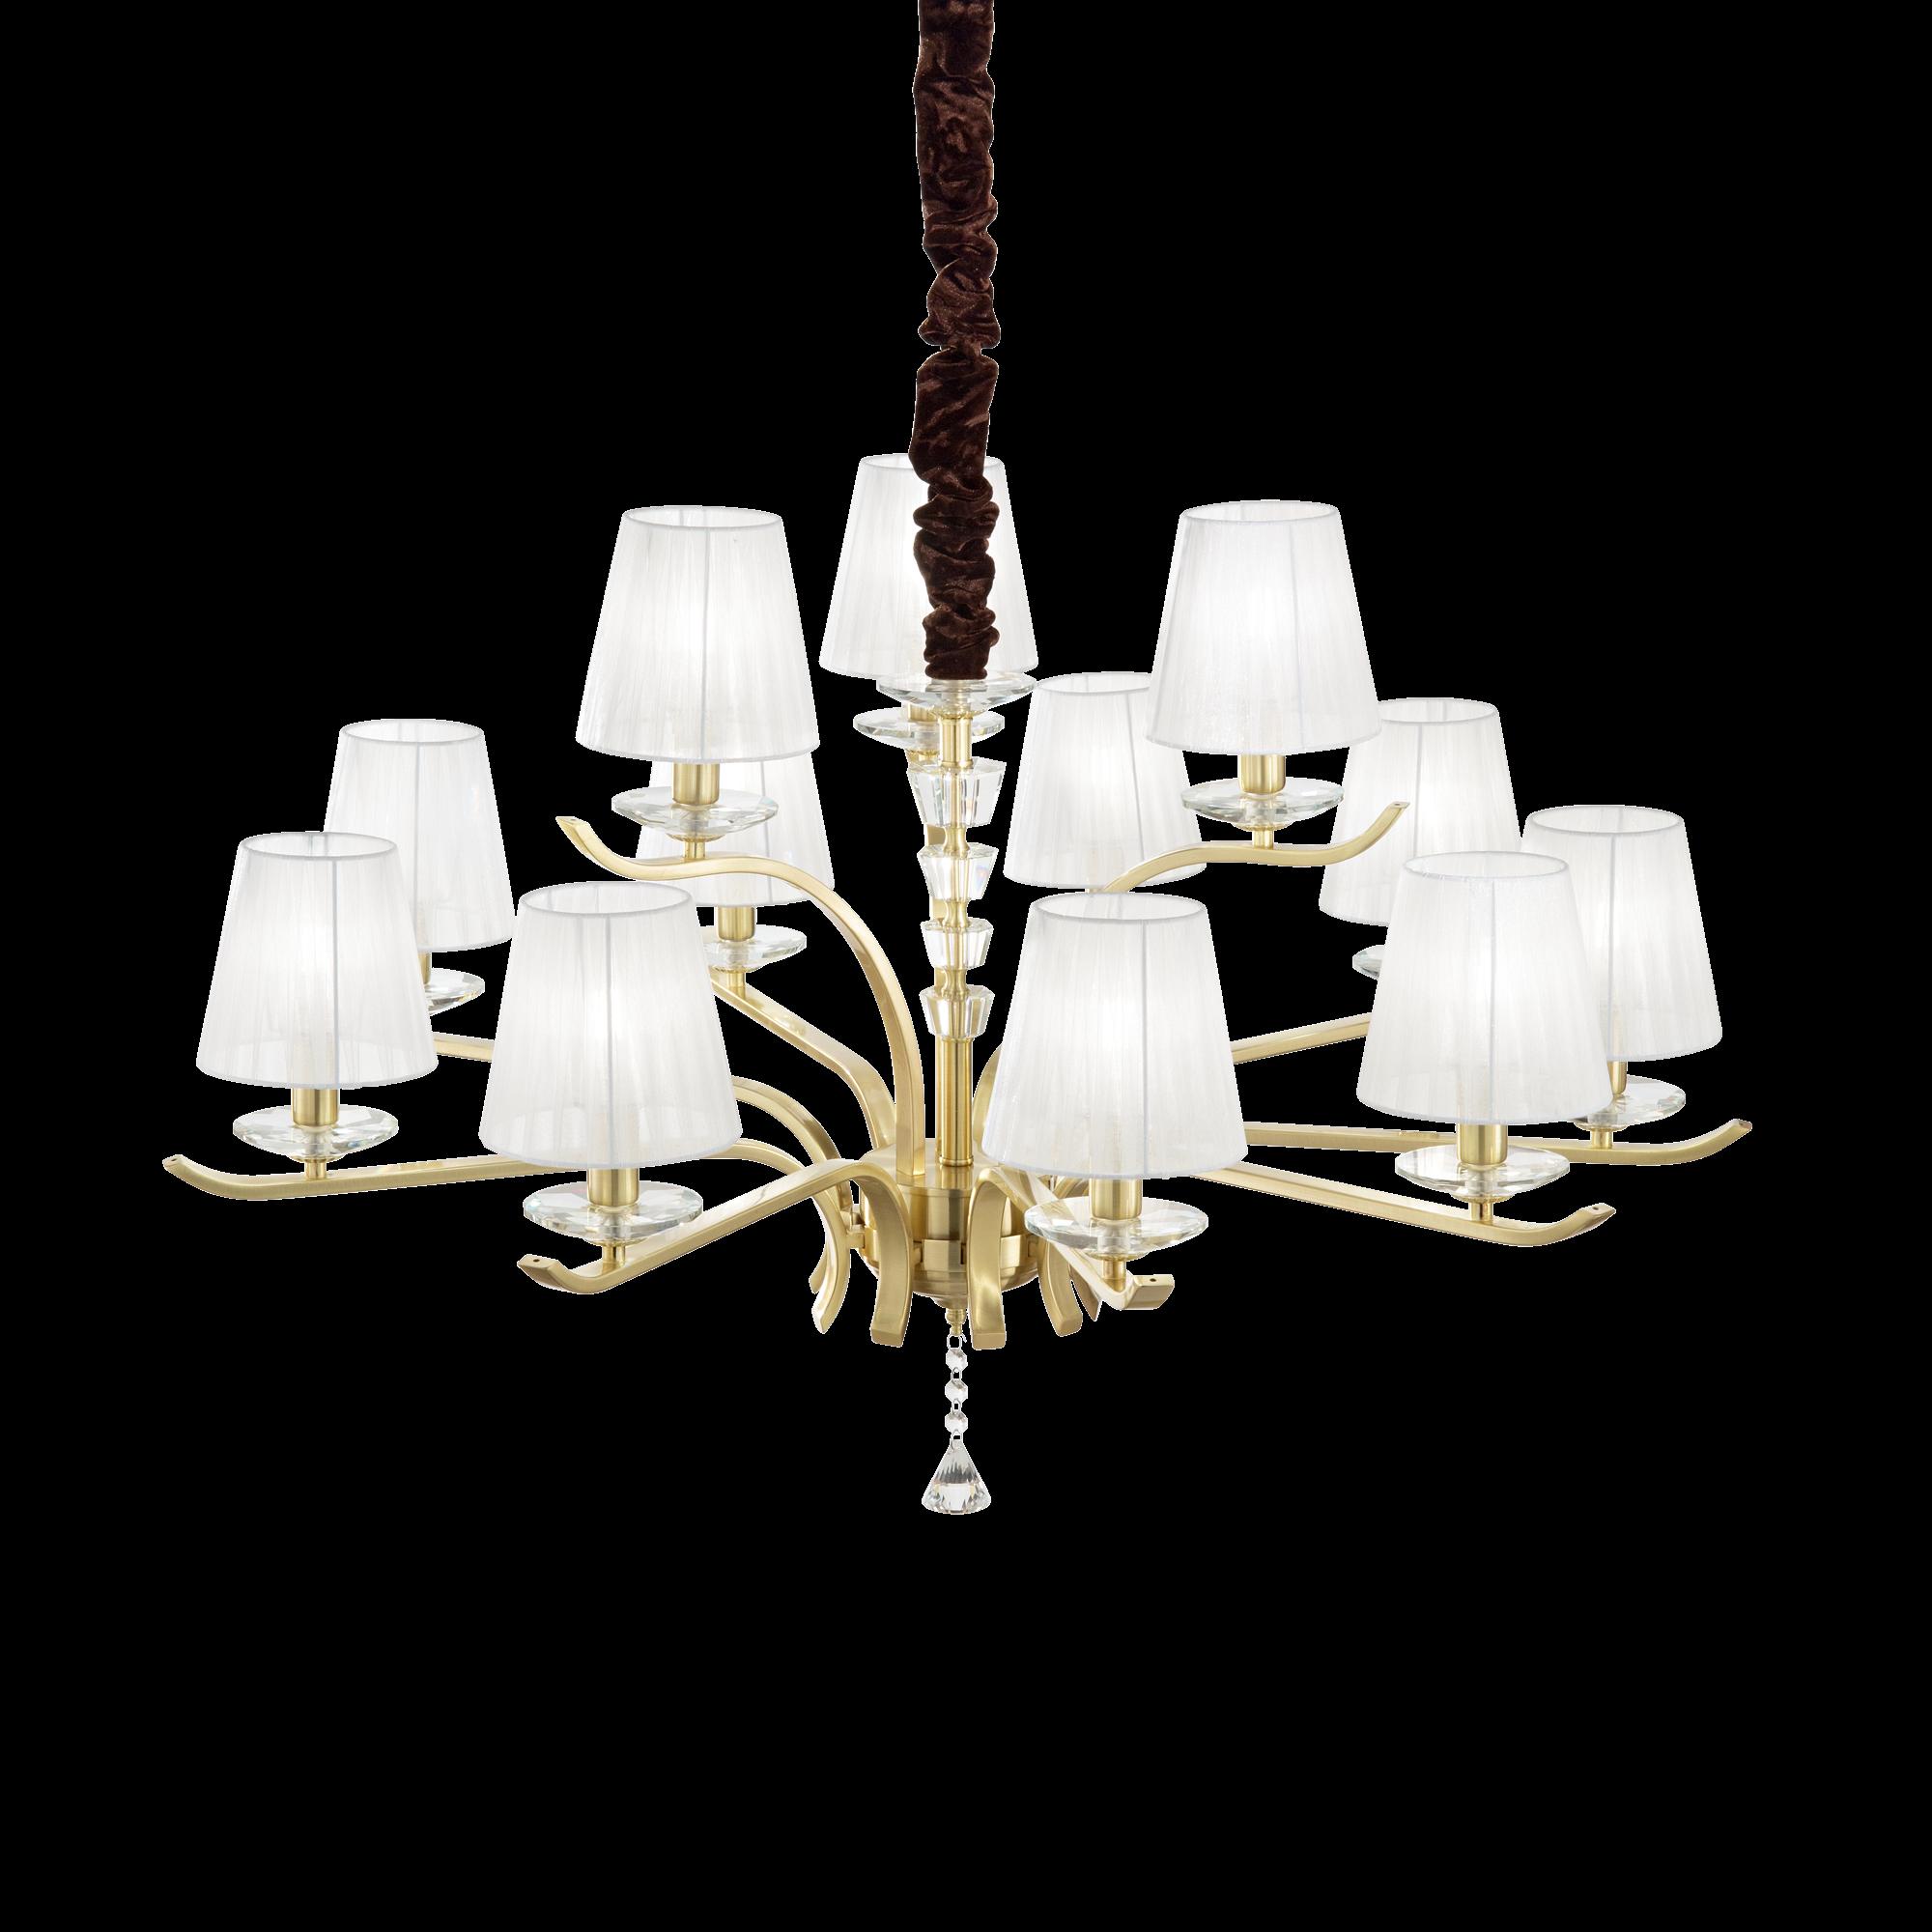 Подвесная люстра Ideal Lux PEGASO SP12 OTTONE SATINATO 197746, 12xE14x40W, матовое золото, белый, прозрачный, металл с хрусталем, текстиль, хрусталь - фото 1